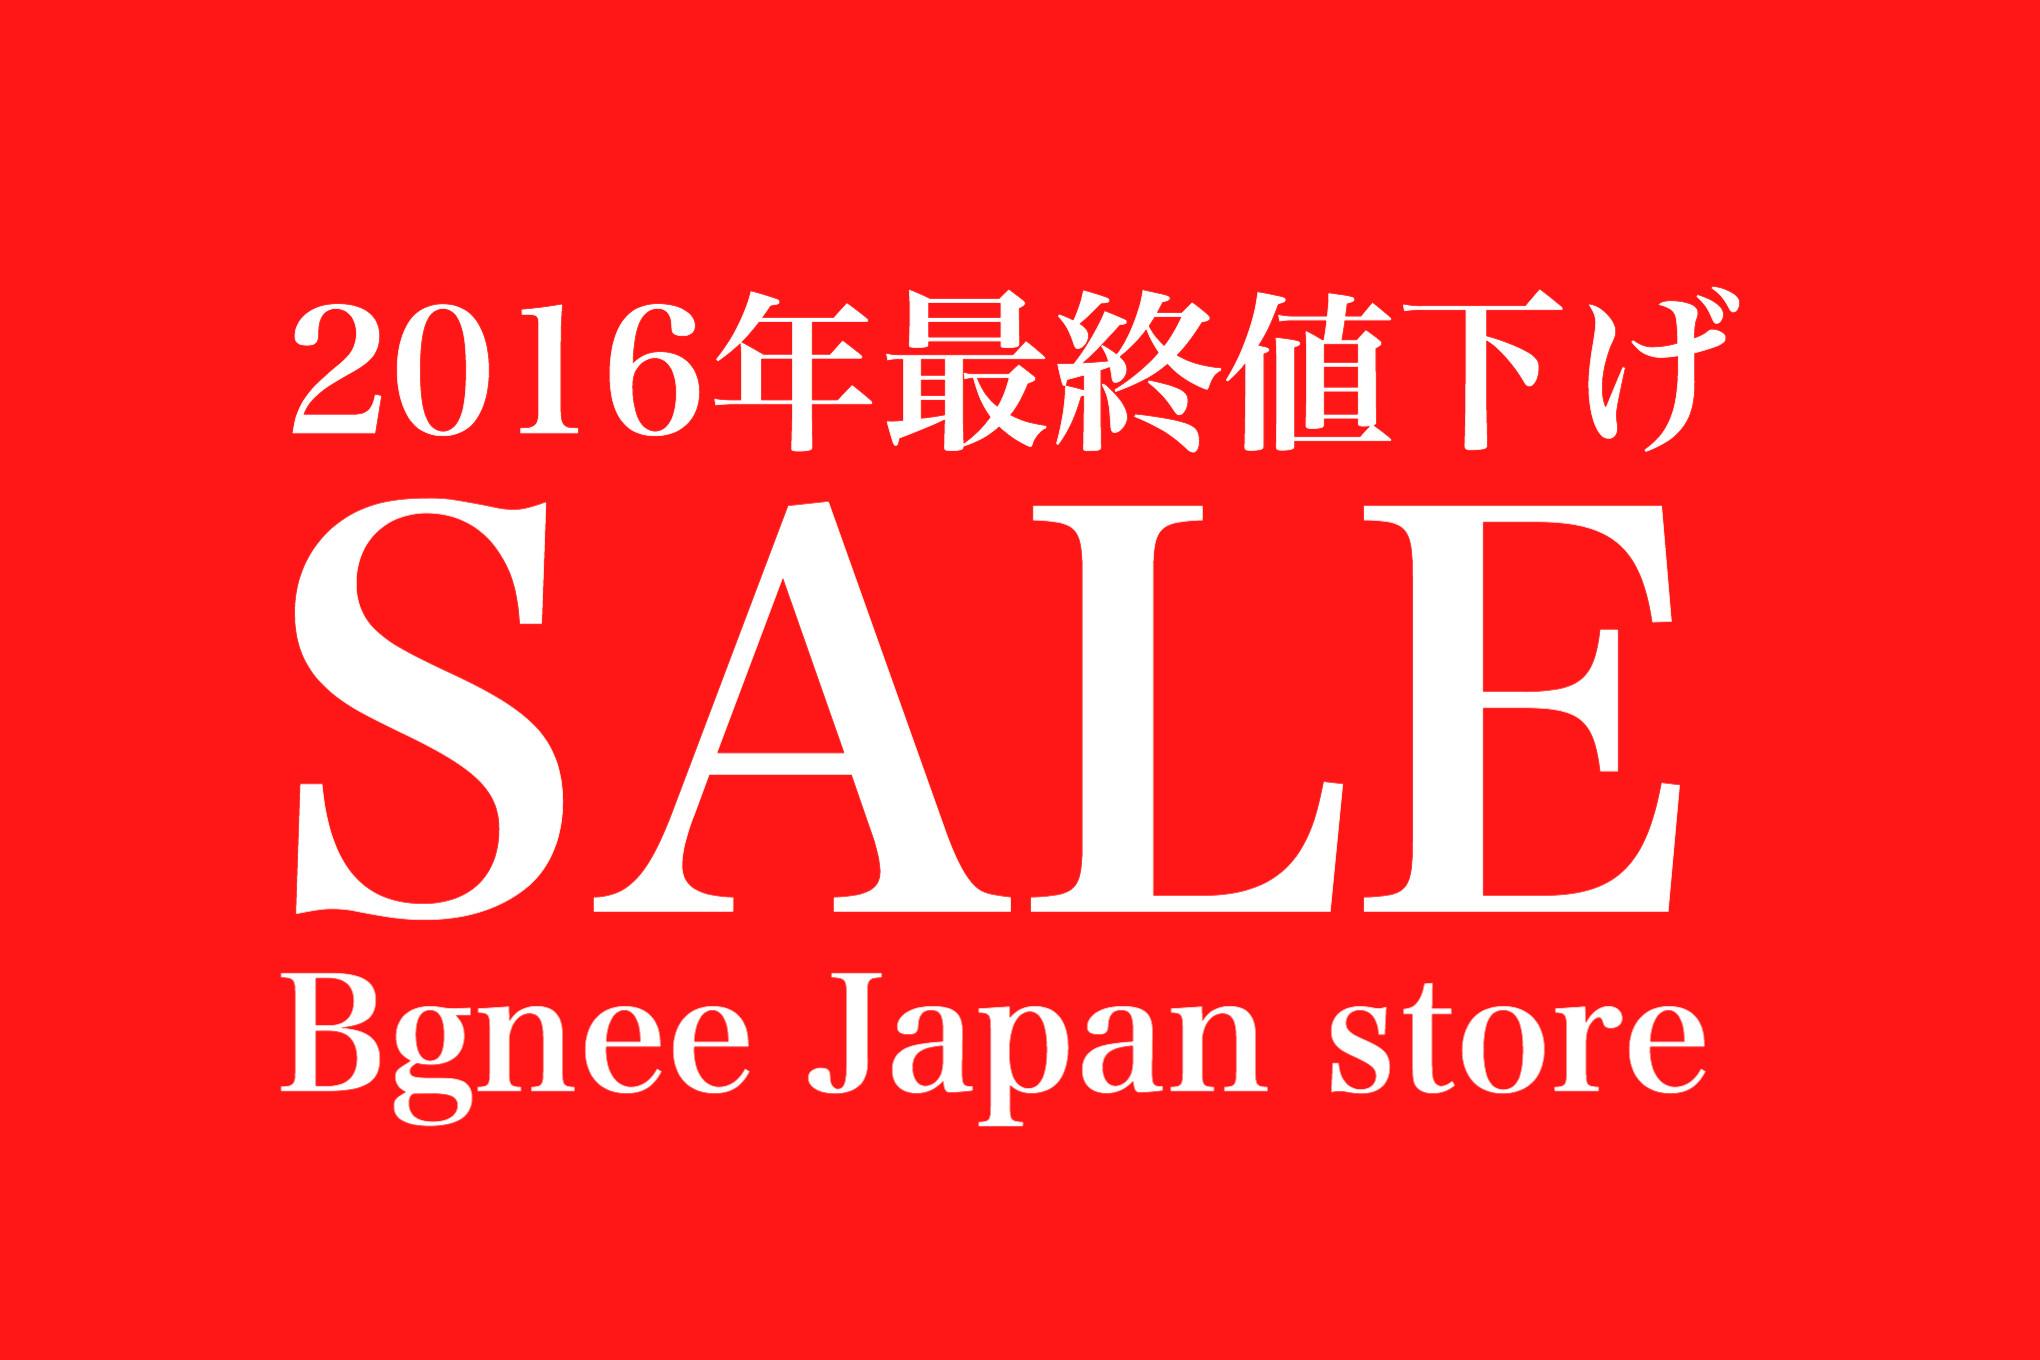 2016年1年を締めくくる最終SALE!!今年一年の感謝を込めた特別Price!